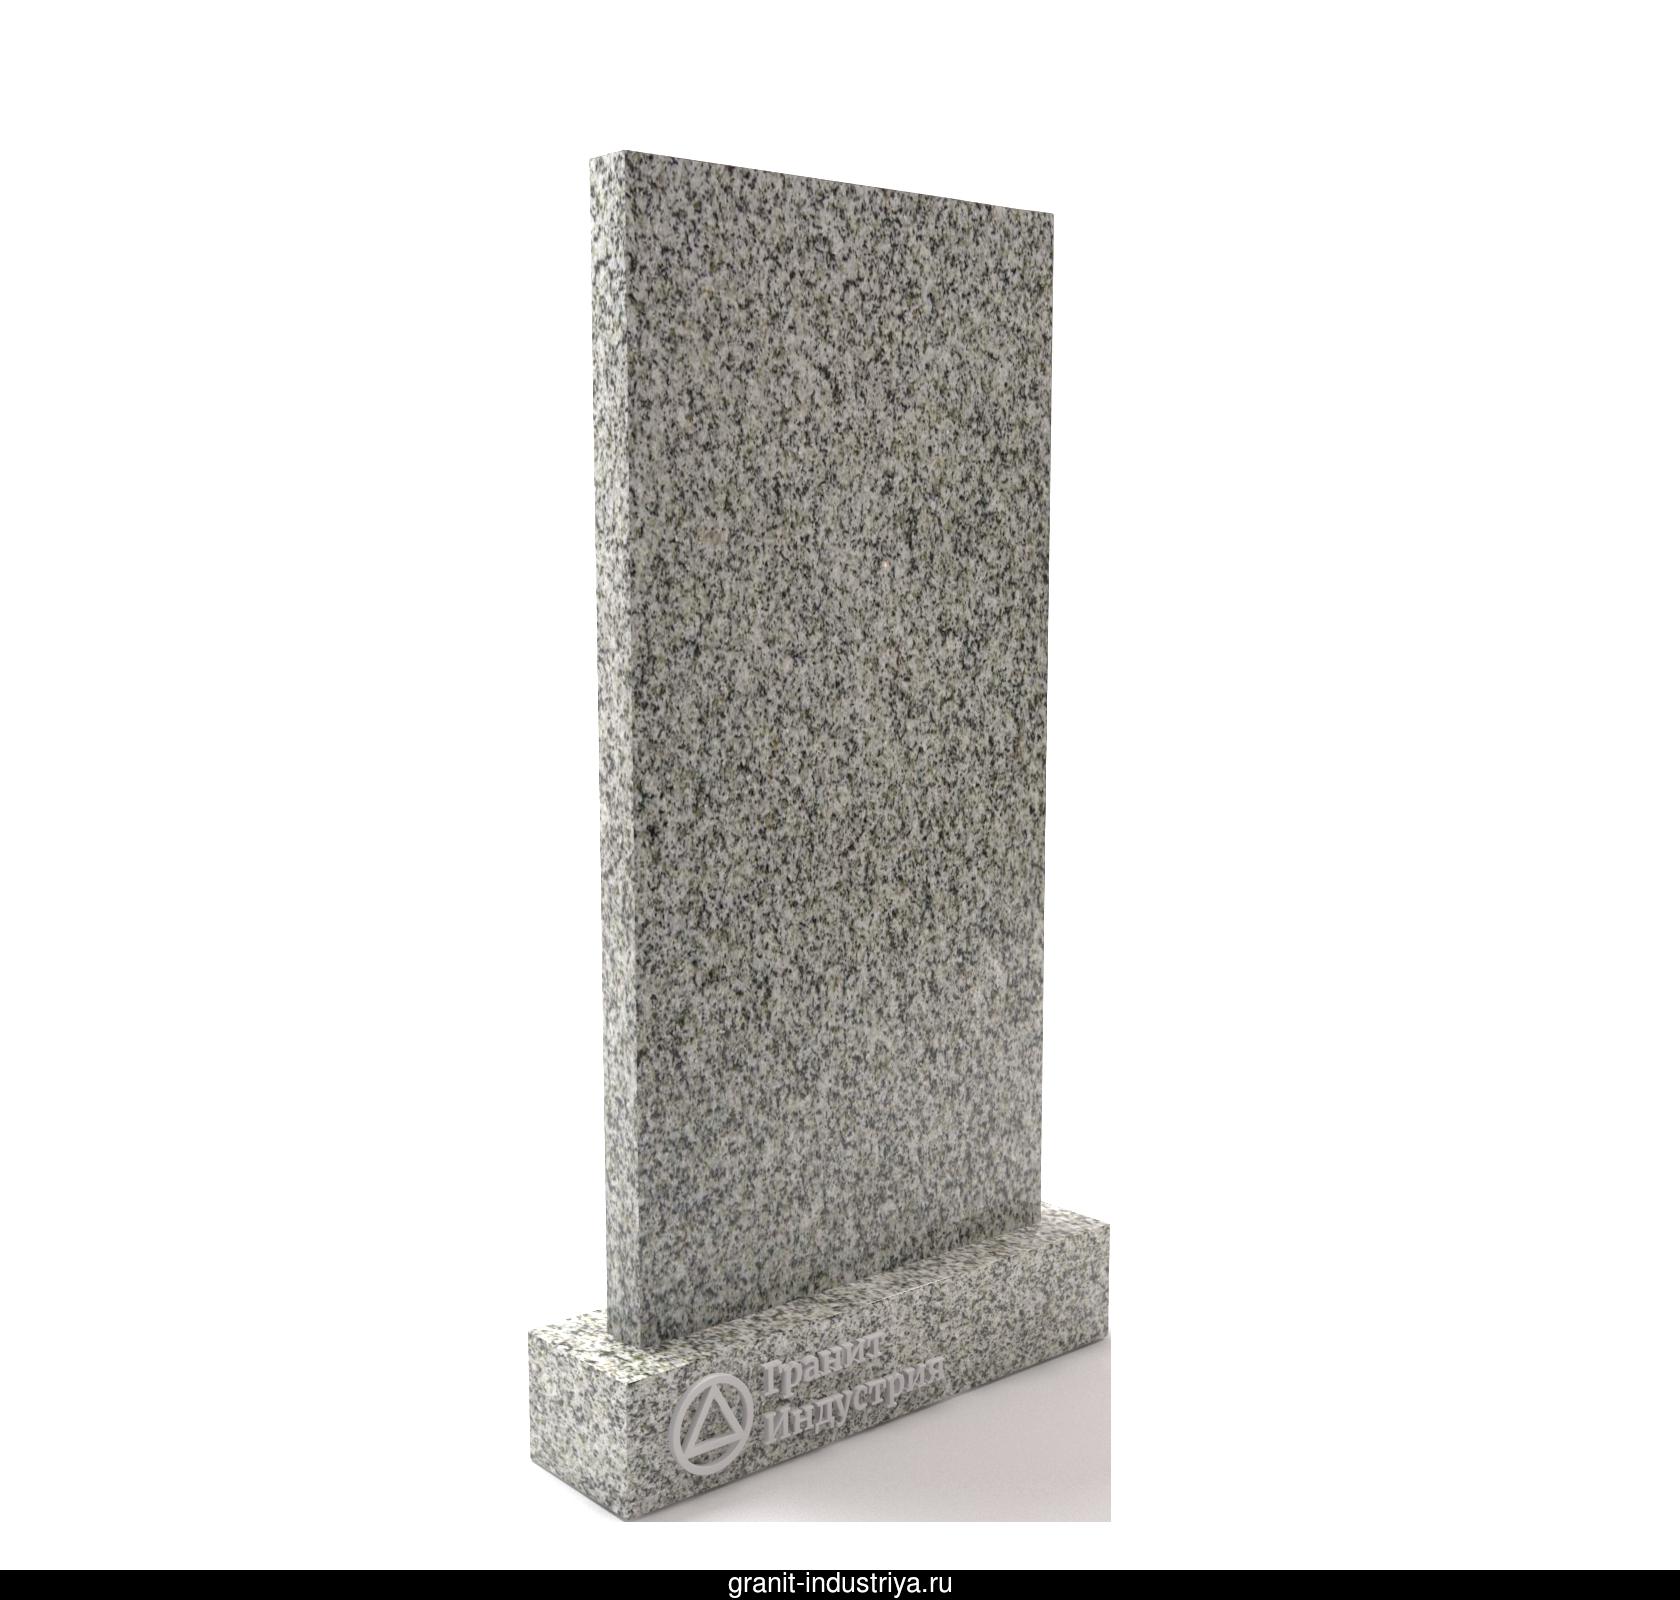 Памятник из Мансуровского гранита, арт. 5966